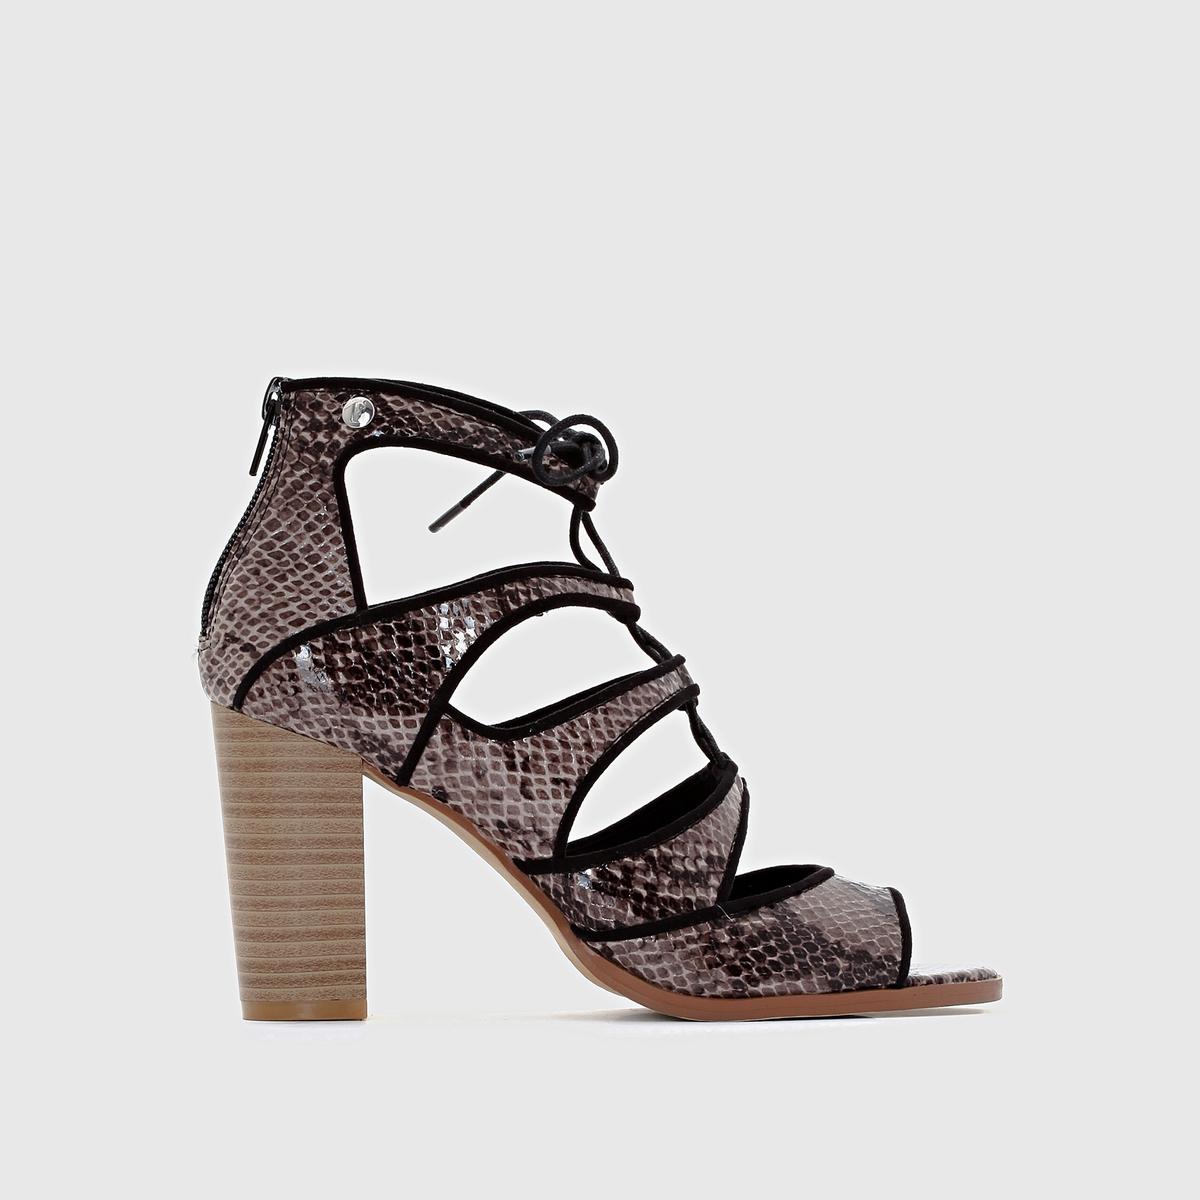 Босоножки на высоком каблуке ELLEБосоножки на высоком каблуке от ELLE - модель CARG?SE.Верх: синтетический материал.Подкладка: синтетический материал.Стелька: кожа.Подошва: синтетический материал.Застежка: молния сзади.<br><br>Цвет: черный/змеиный рисунок<br>Размер: 37